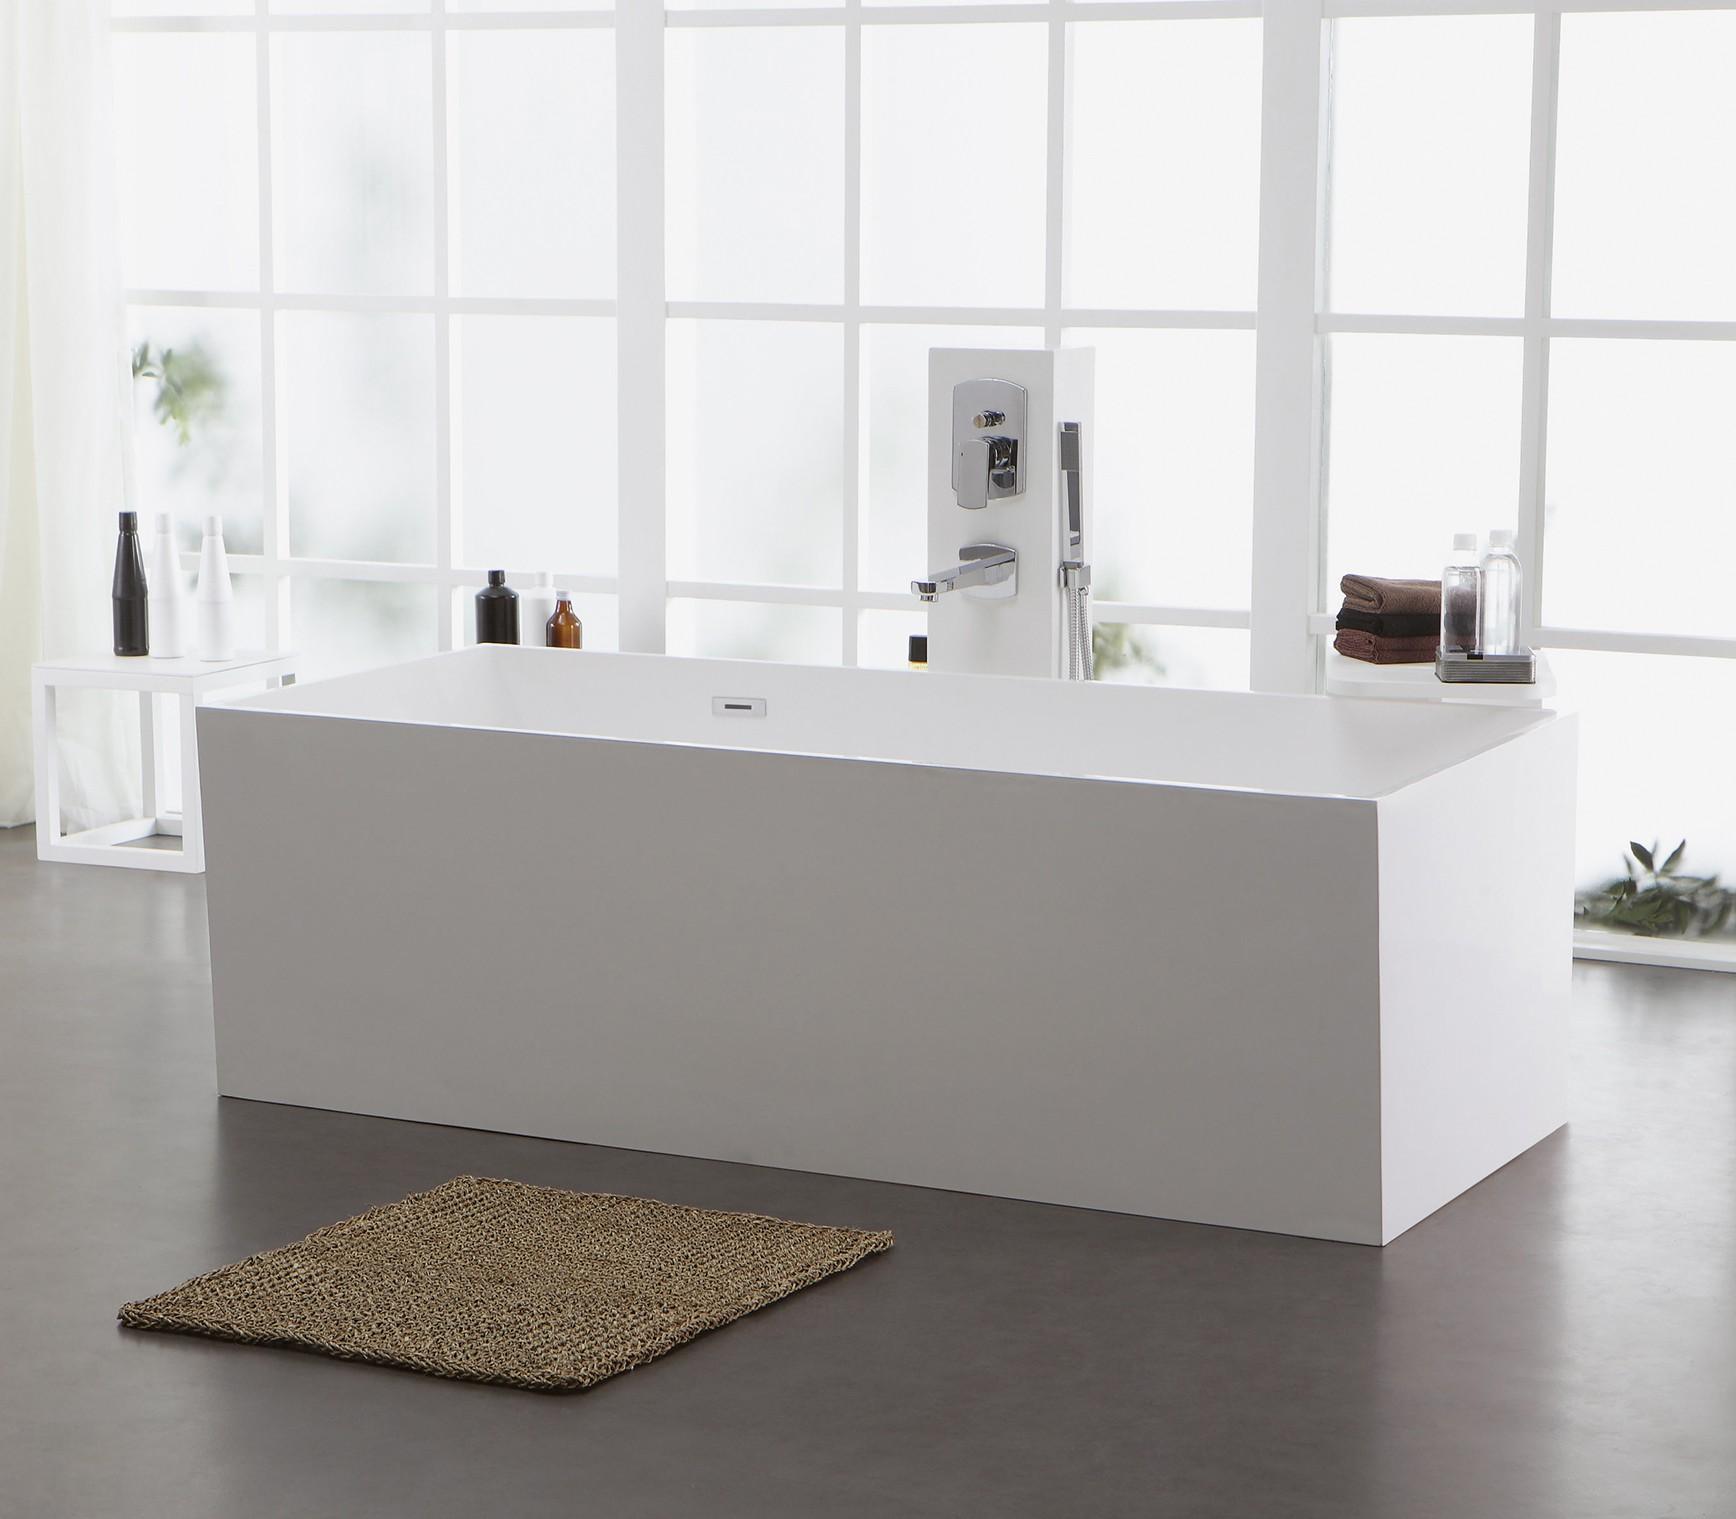 freistehende badewanne aus mineralguss kzoao 1006 badewelt wannen kunststein. Black Bedroom Furniture Sets. Home Design Ideas